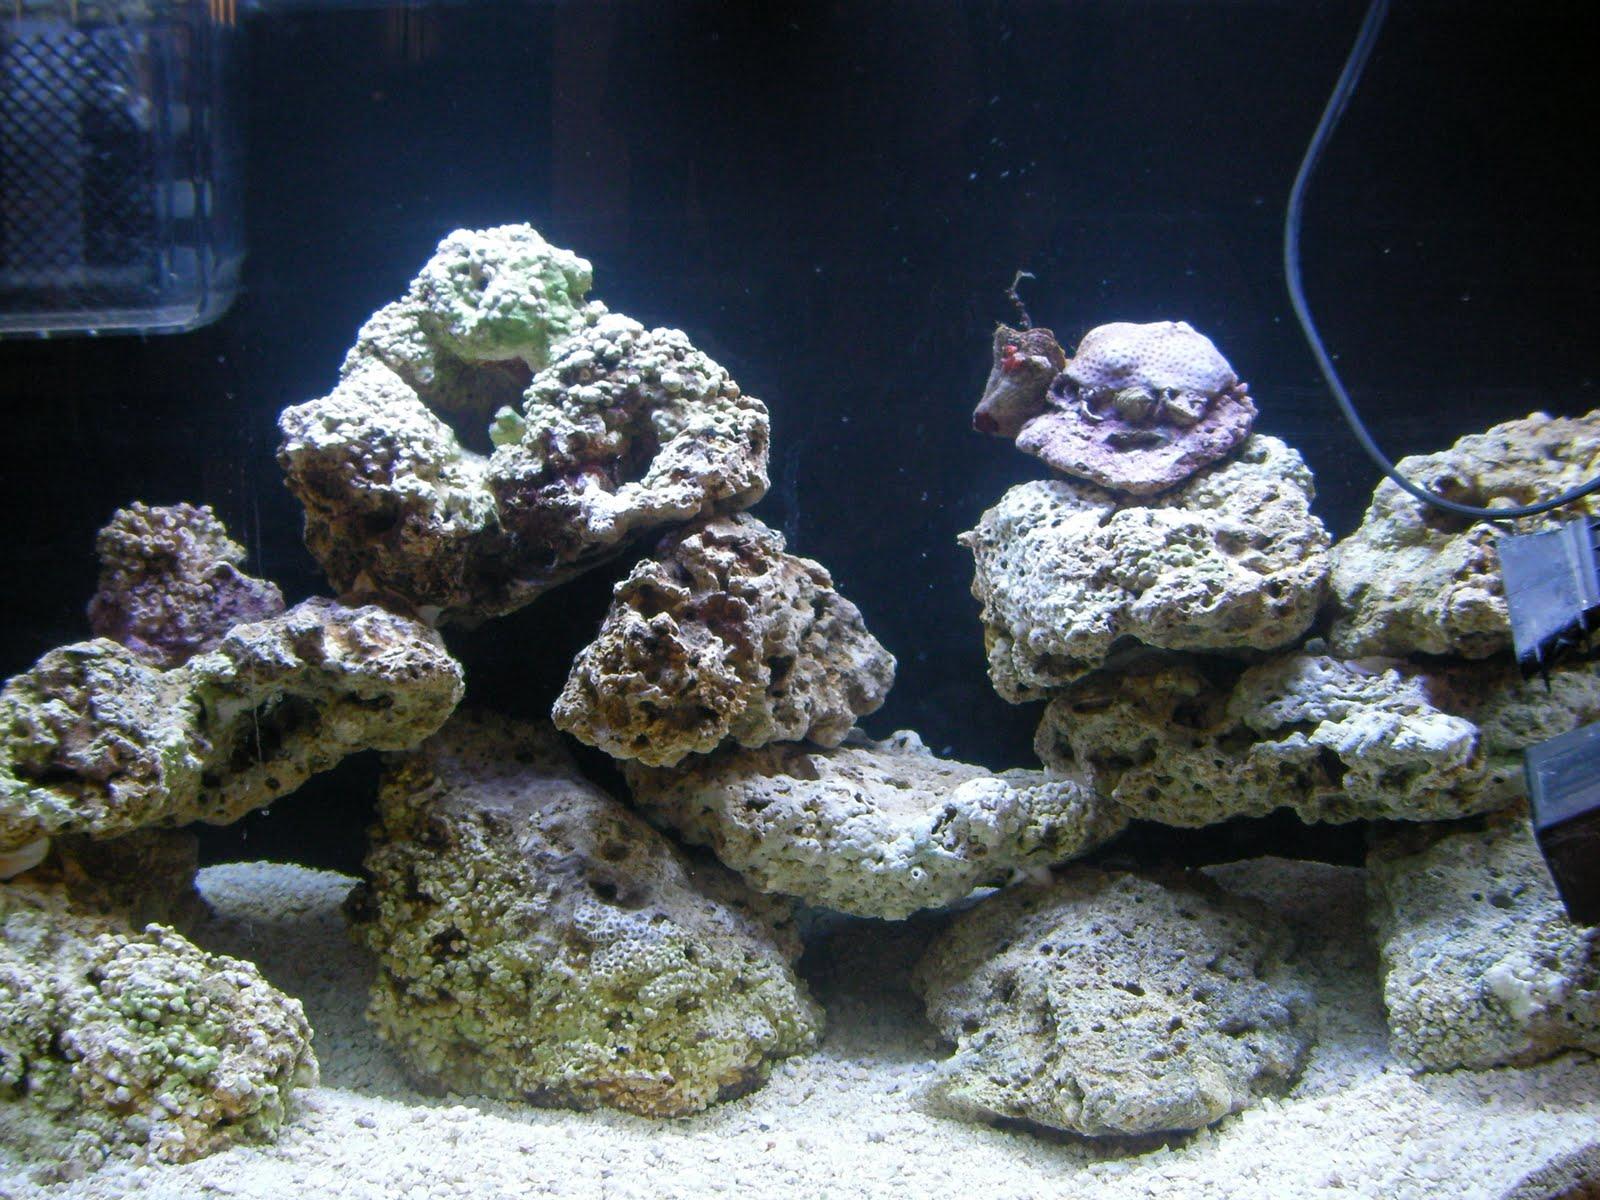 Jakes Saltwater Aquarium: Permanent Aquascaping